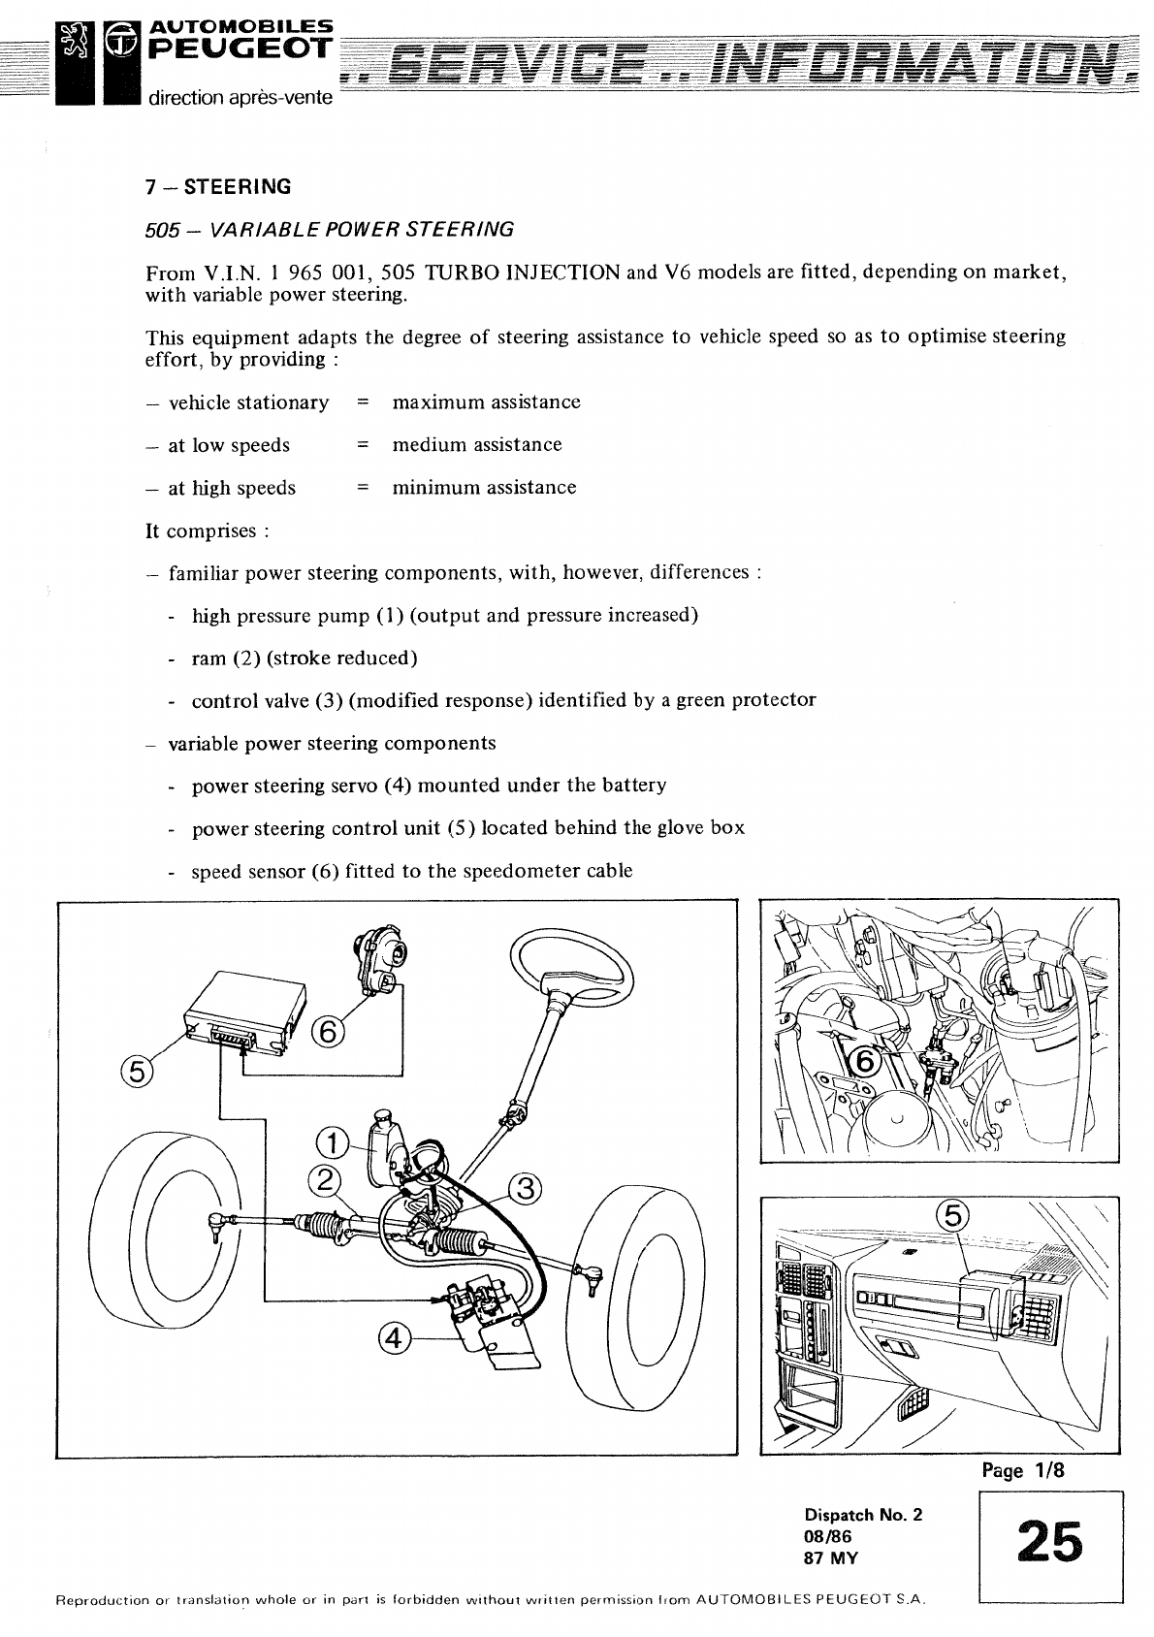 Engine Wiring Diagram Peugeot 5 Ultimate Di 2020